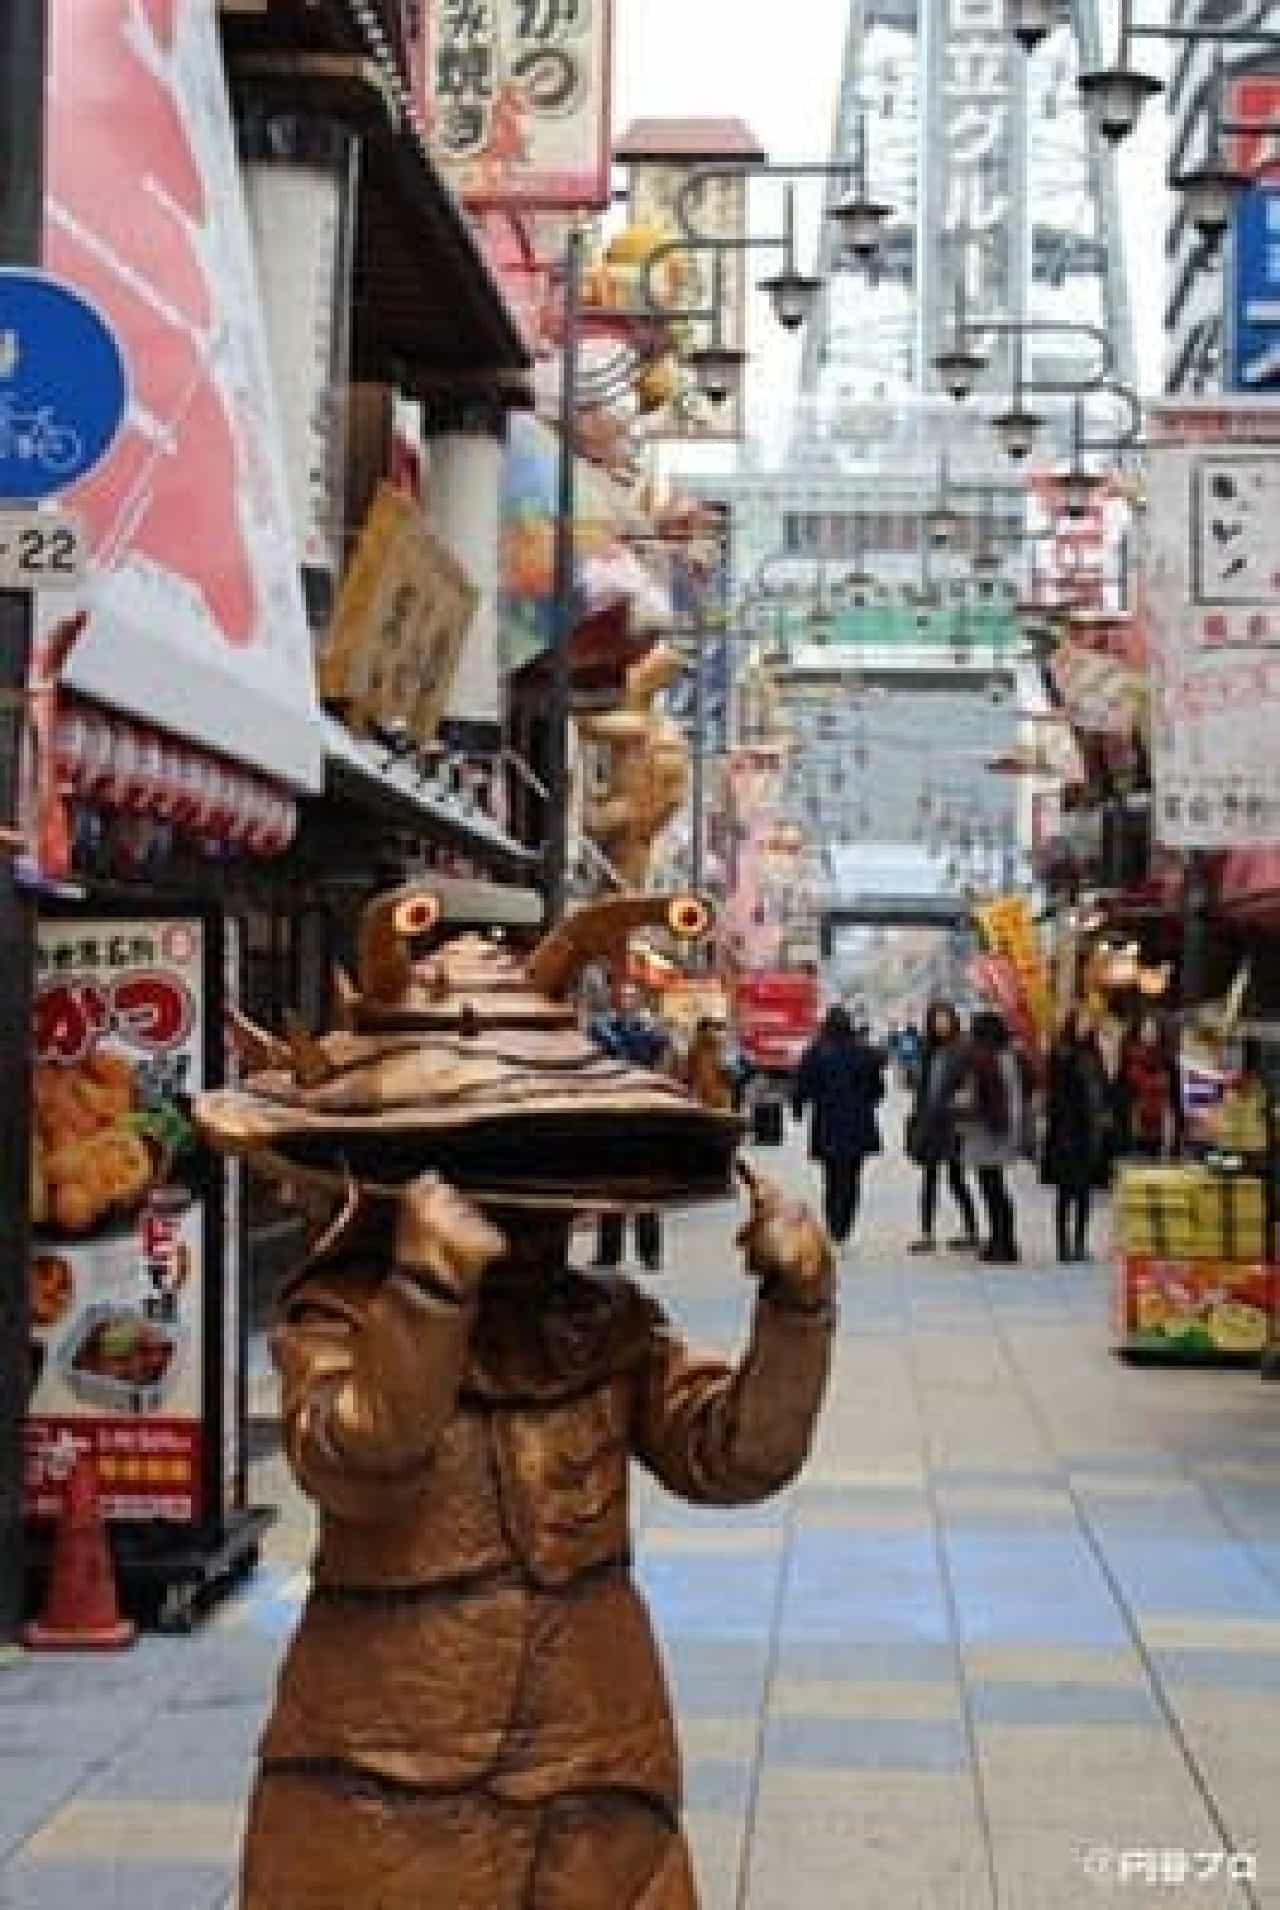 カネゴン店長が「元祖怪獣酒場」を大阪にオープンするぞ!